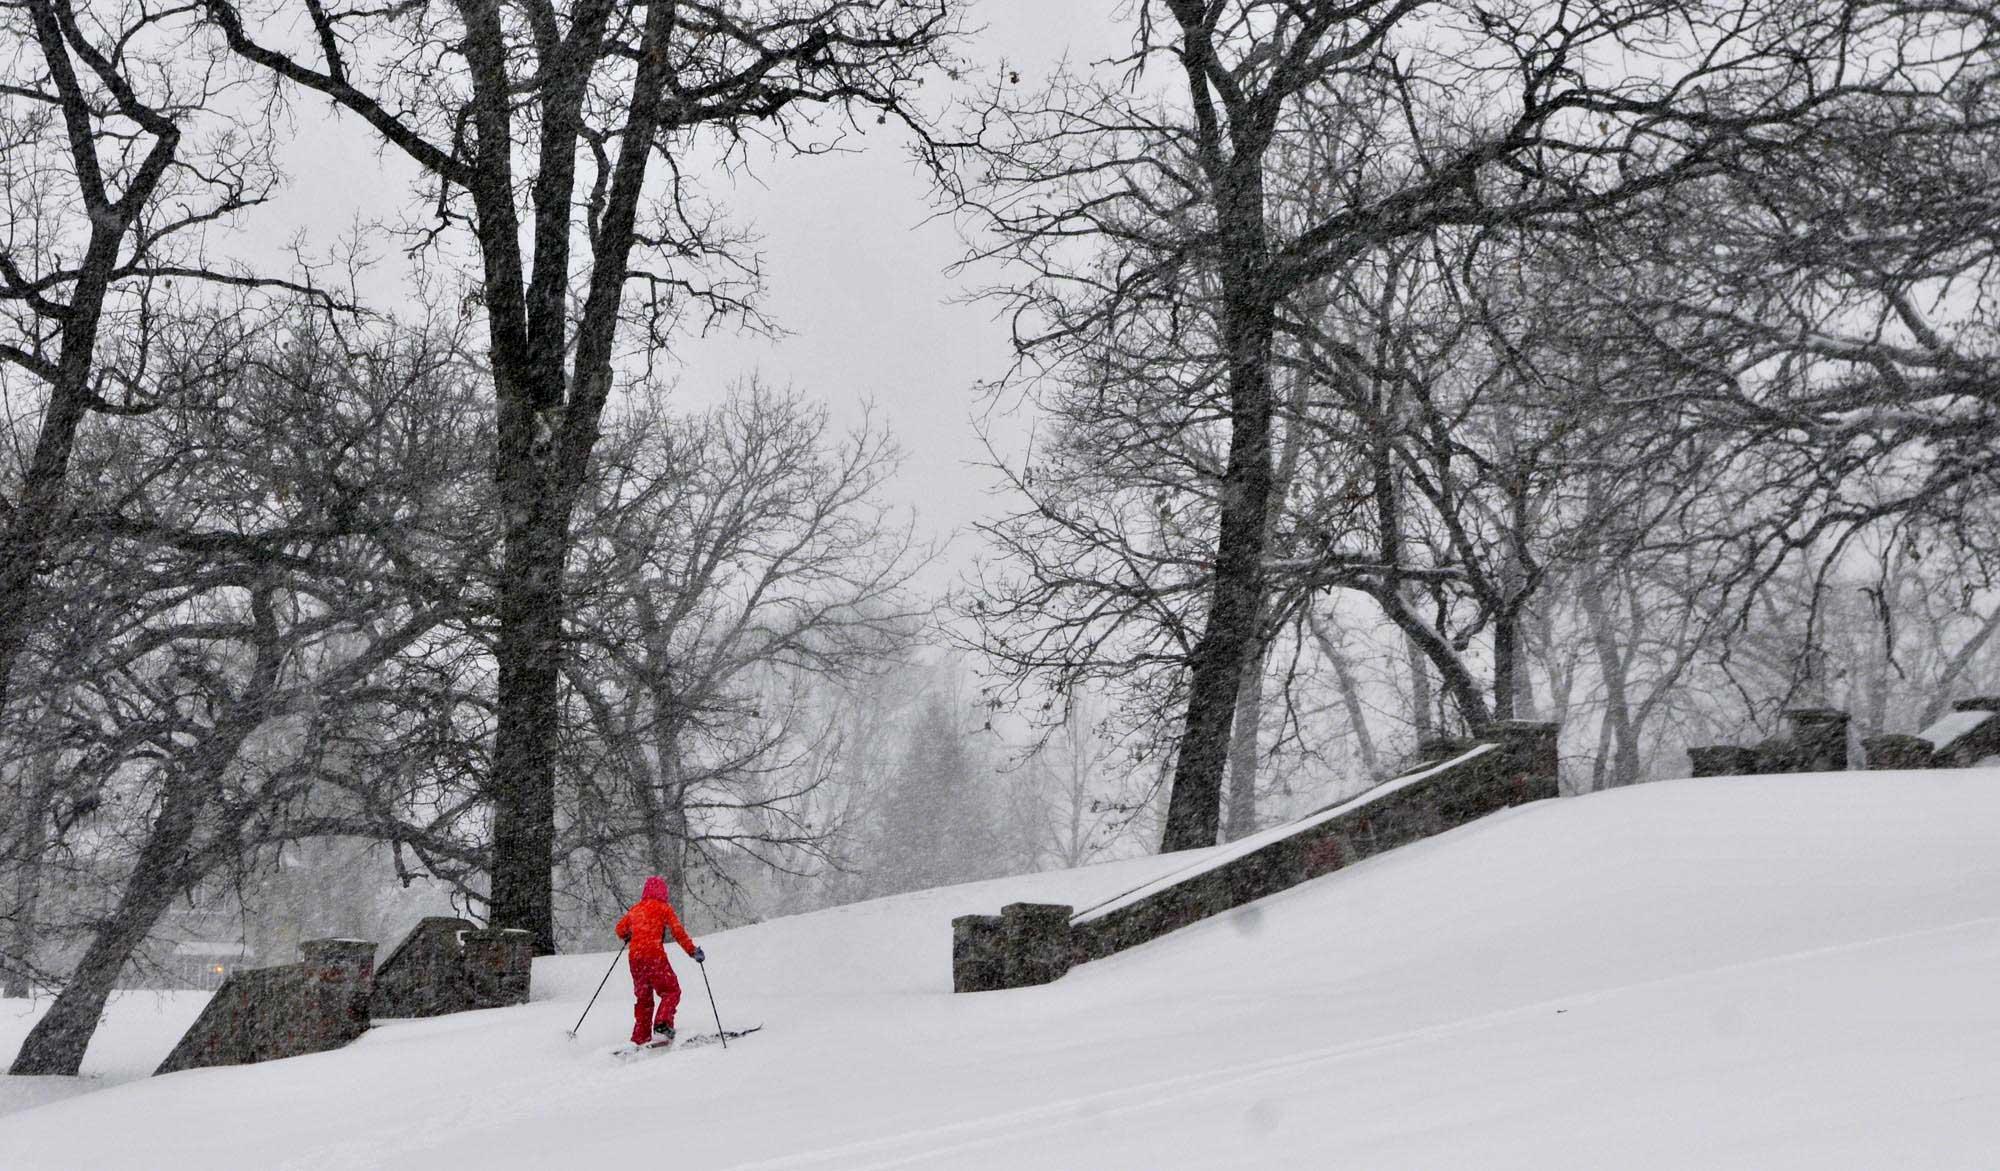 Wren Scott-Lumbar, 11, skis at Hester Park, in St. Cloud, Minn. on Nov. 10, 2014.